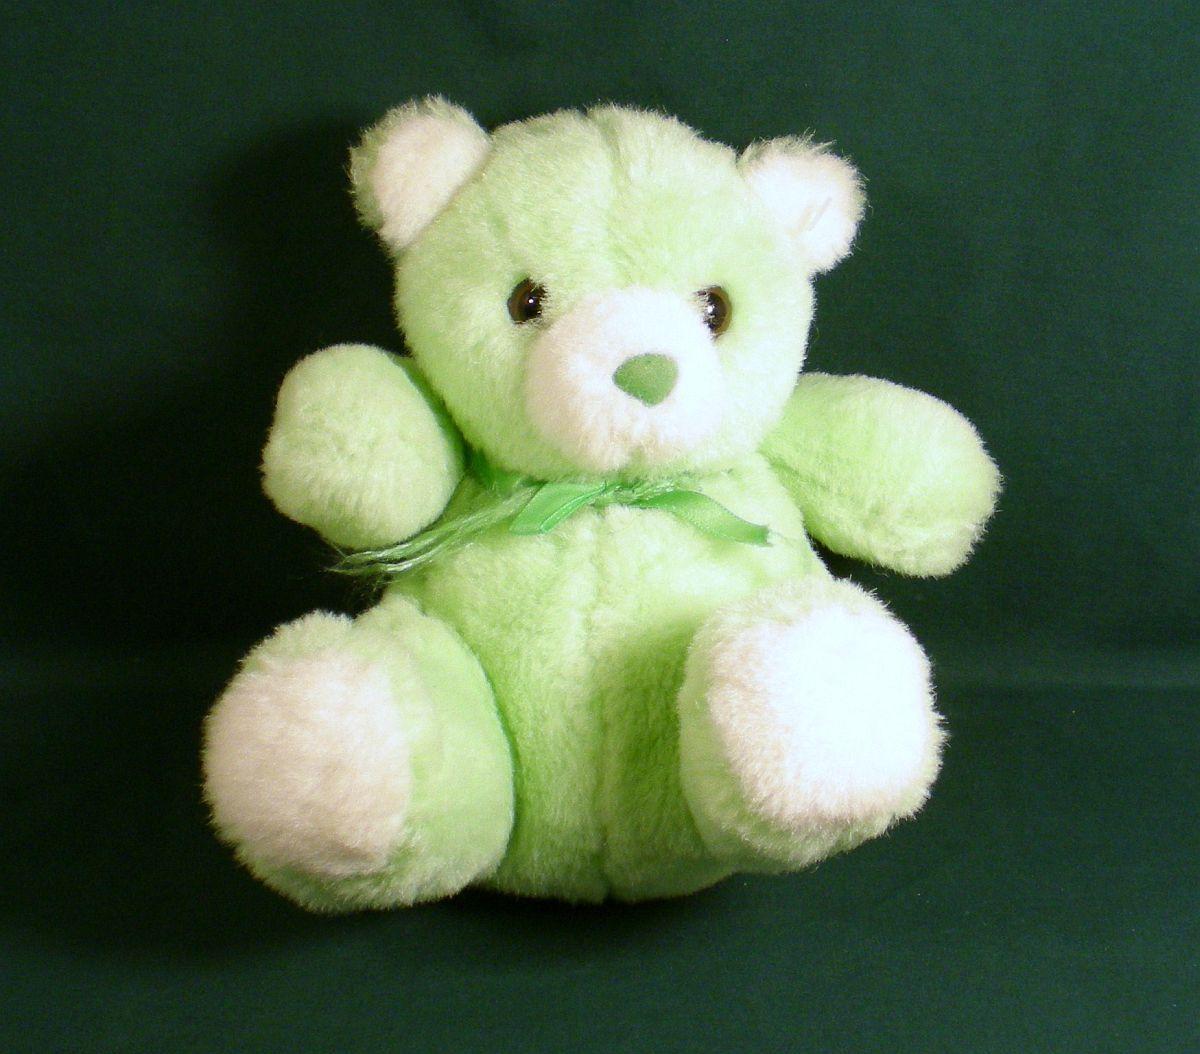 American Wego Light Green Plush Teddy Bear 1992